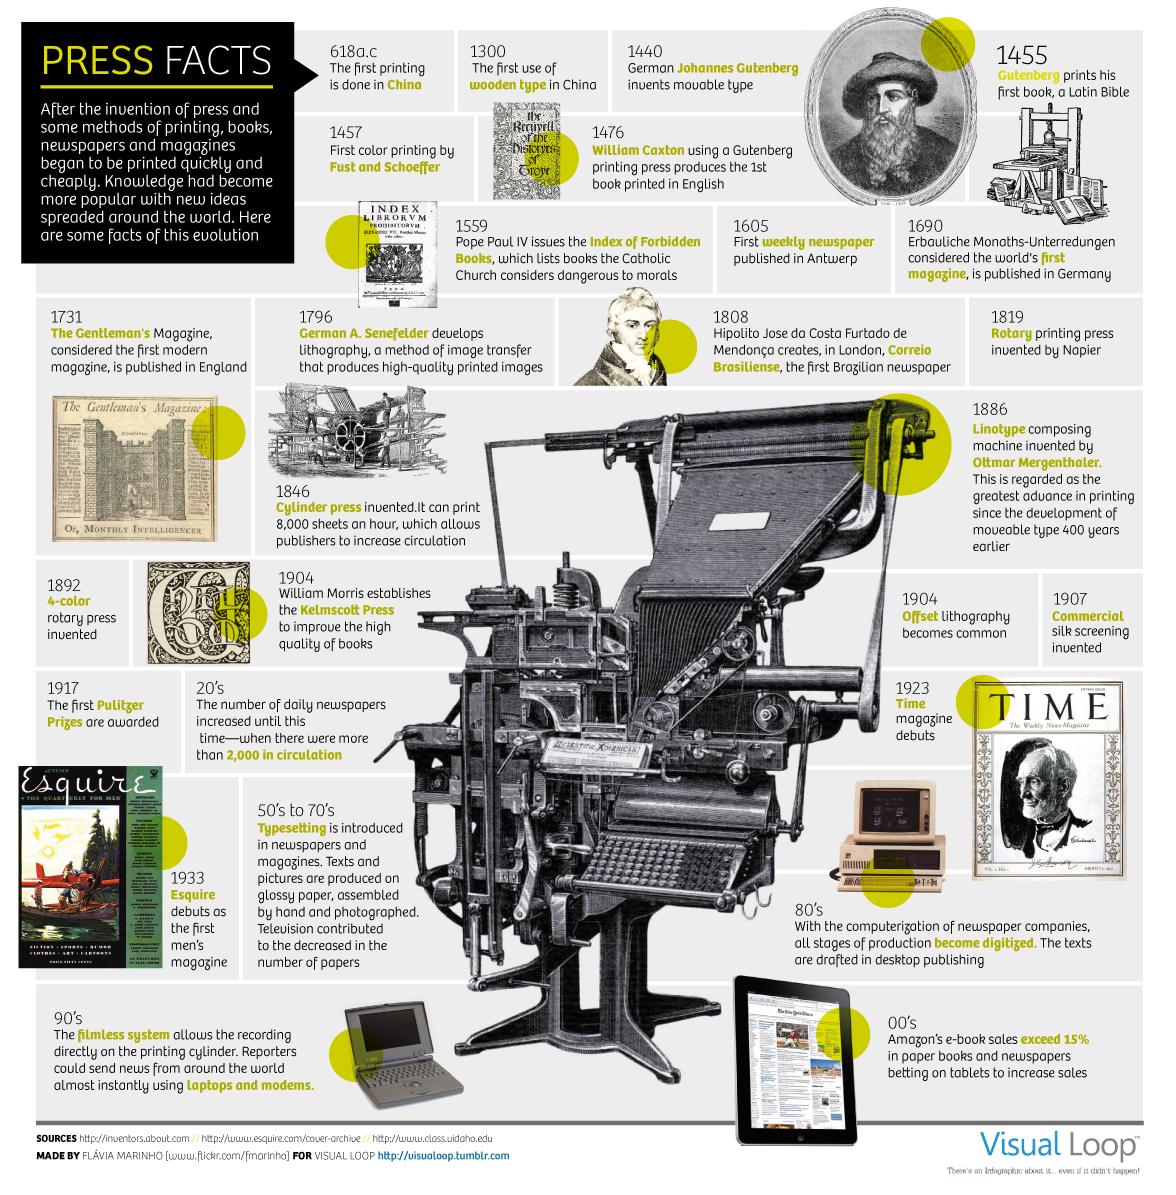 http://ricardoartur.com.br/historia/files/2012/08/PressFacts-flavia_marinho.jpg